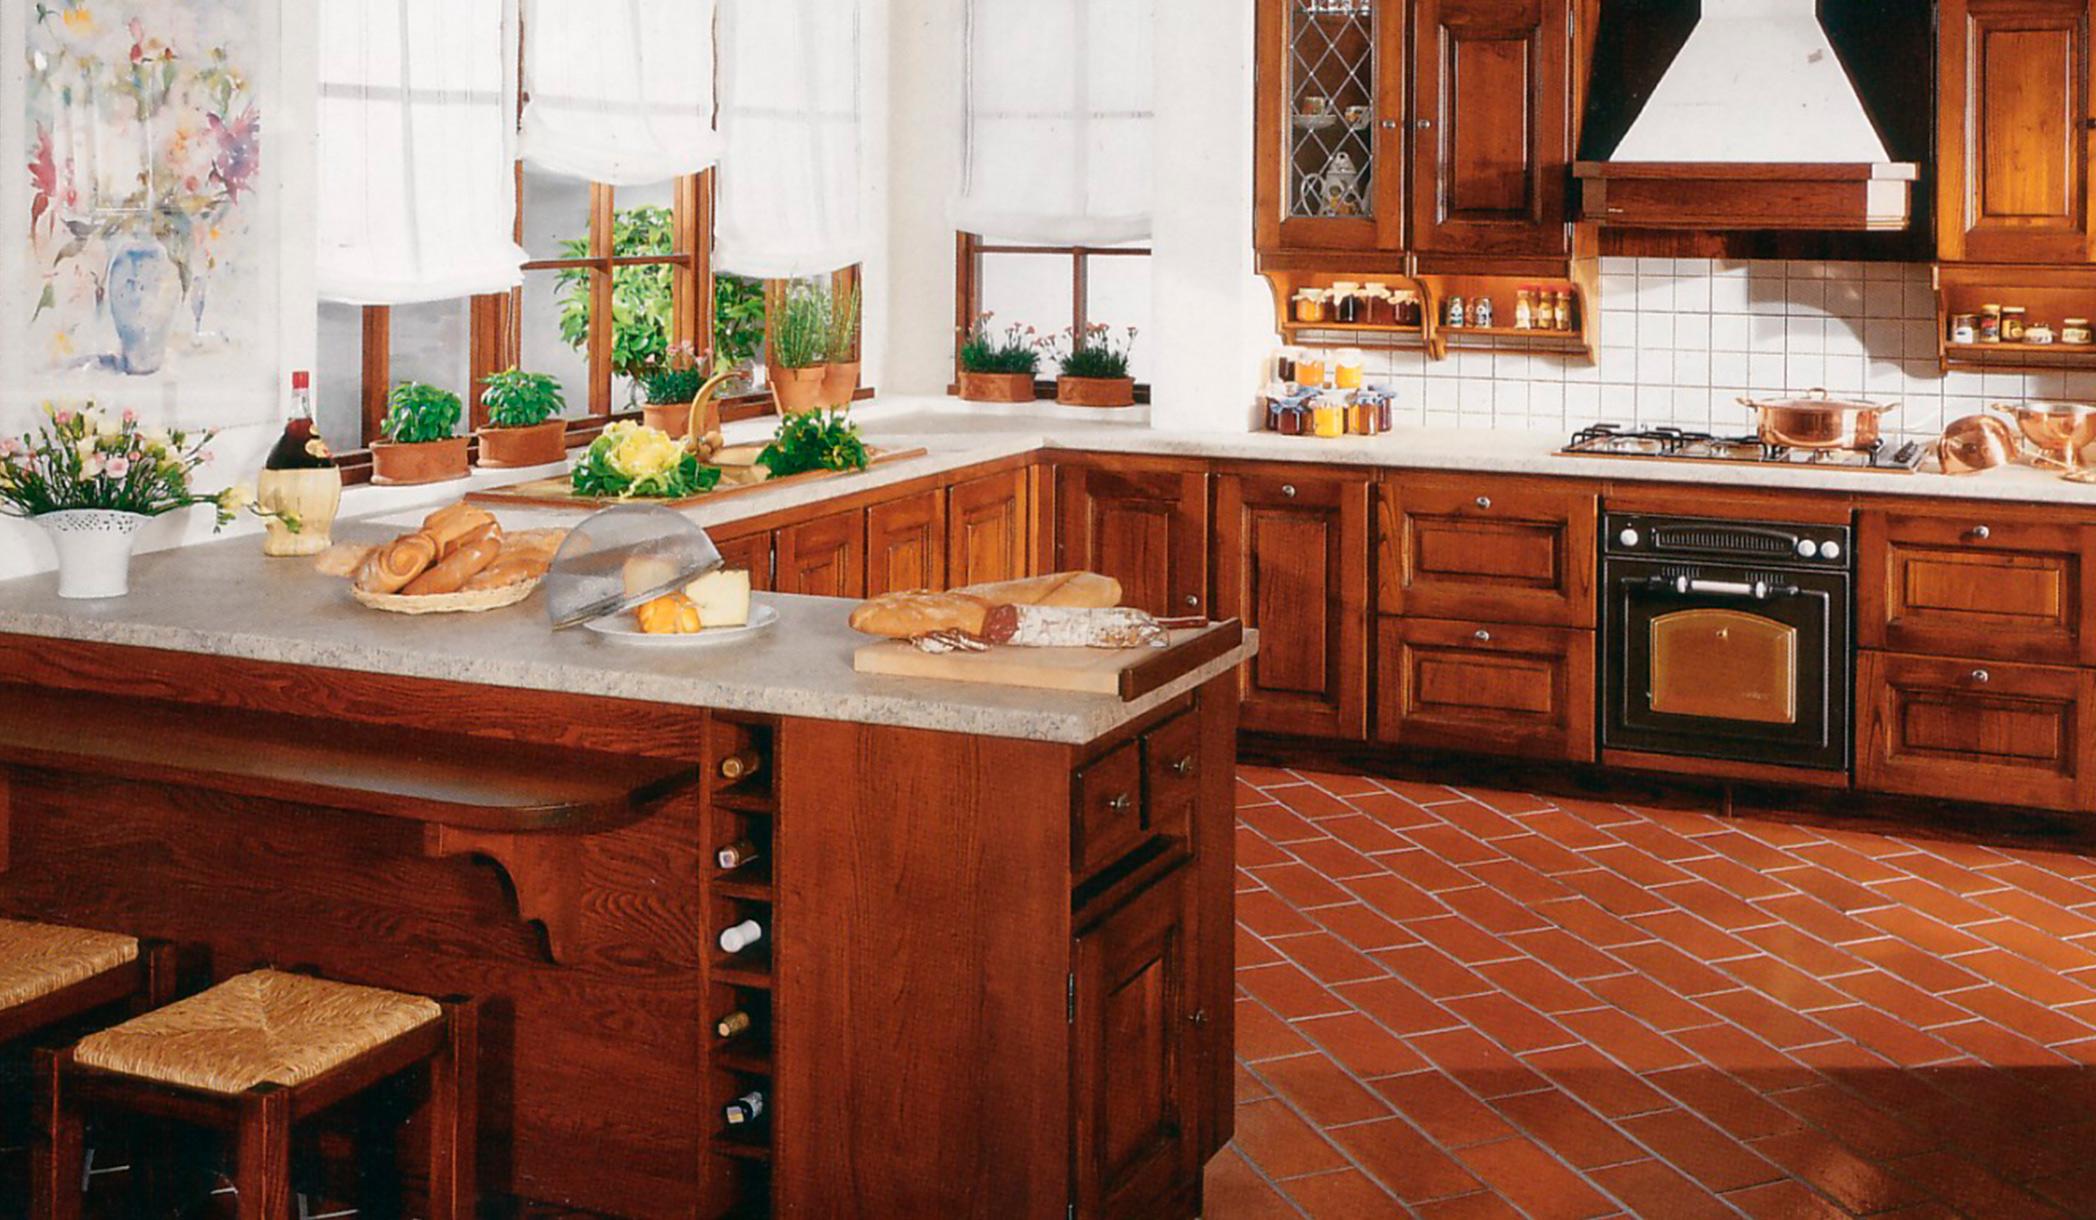 realizzazione cucine su misura a perugia